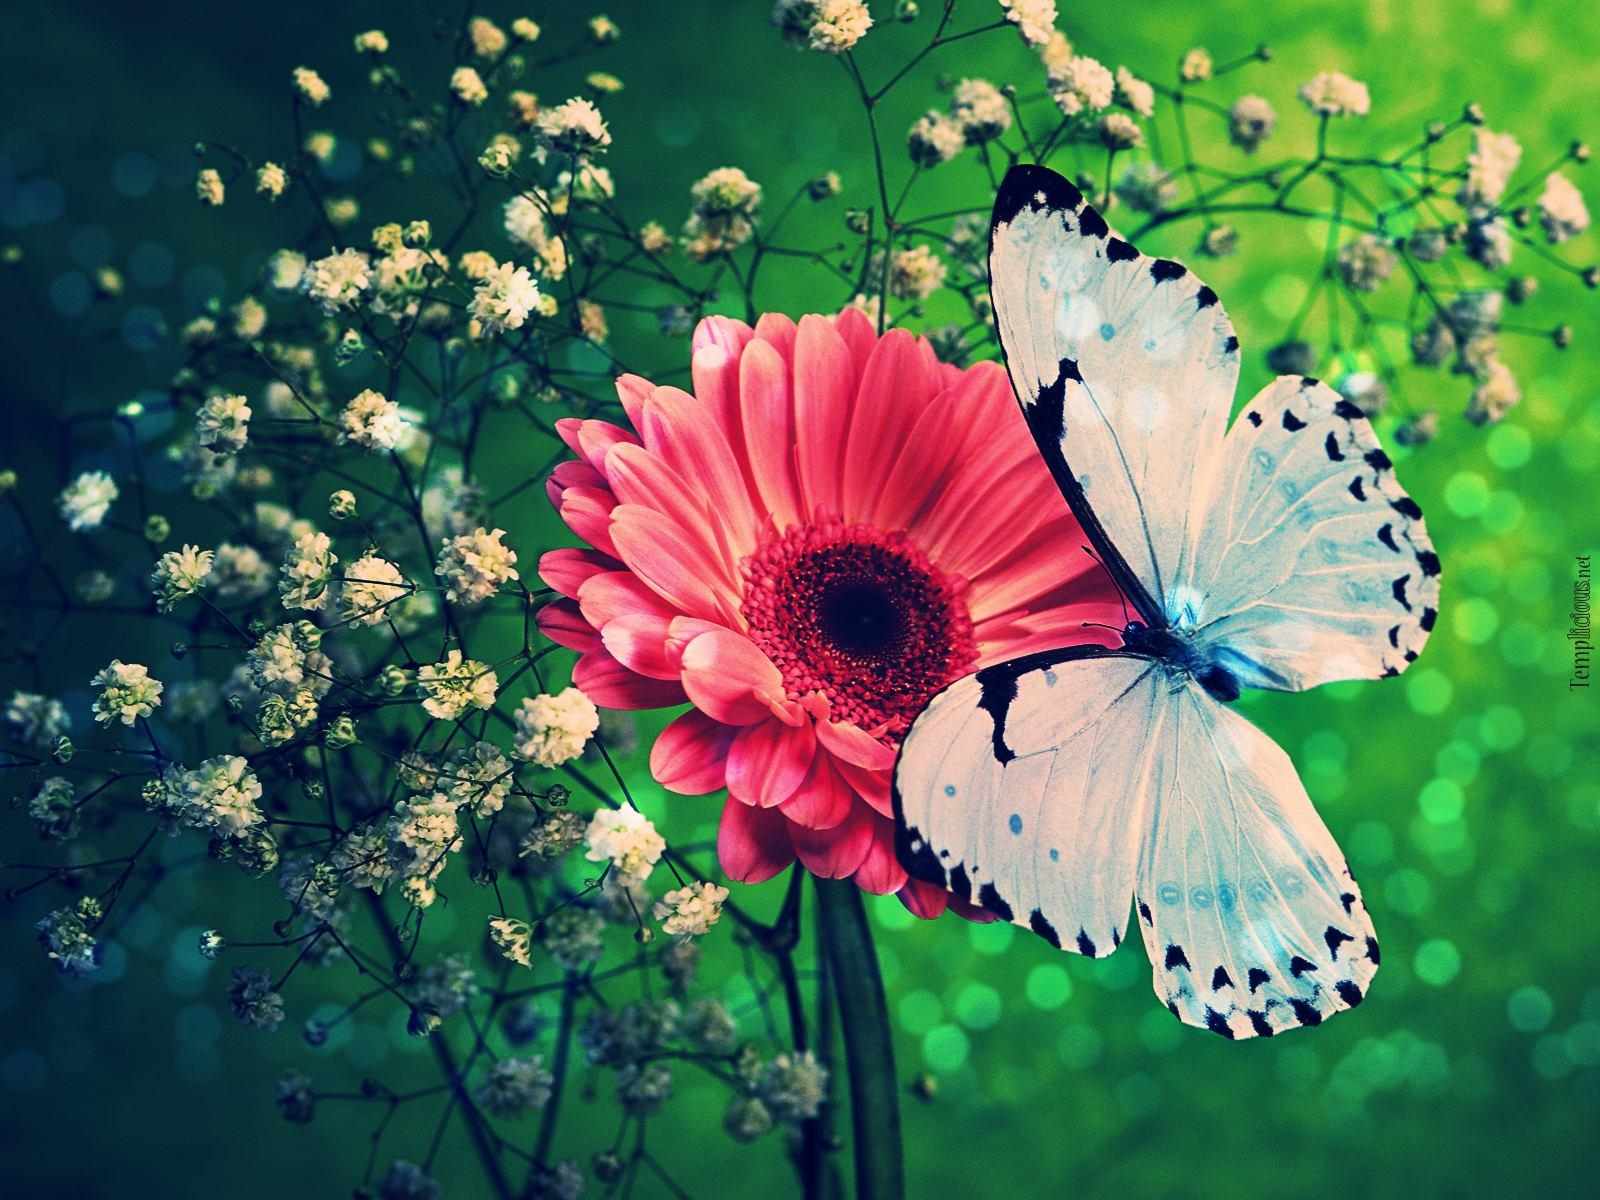 Butterflies Wallpapers Download #17580) wallpaper - wallatar.